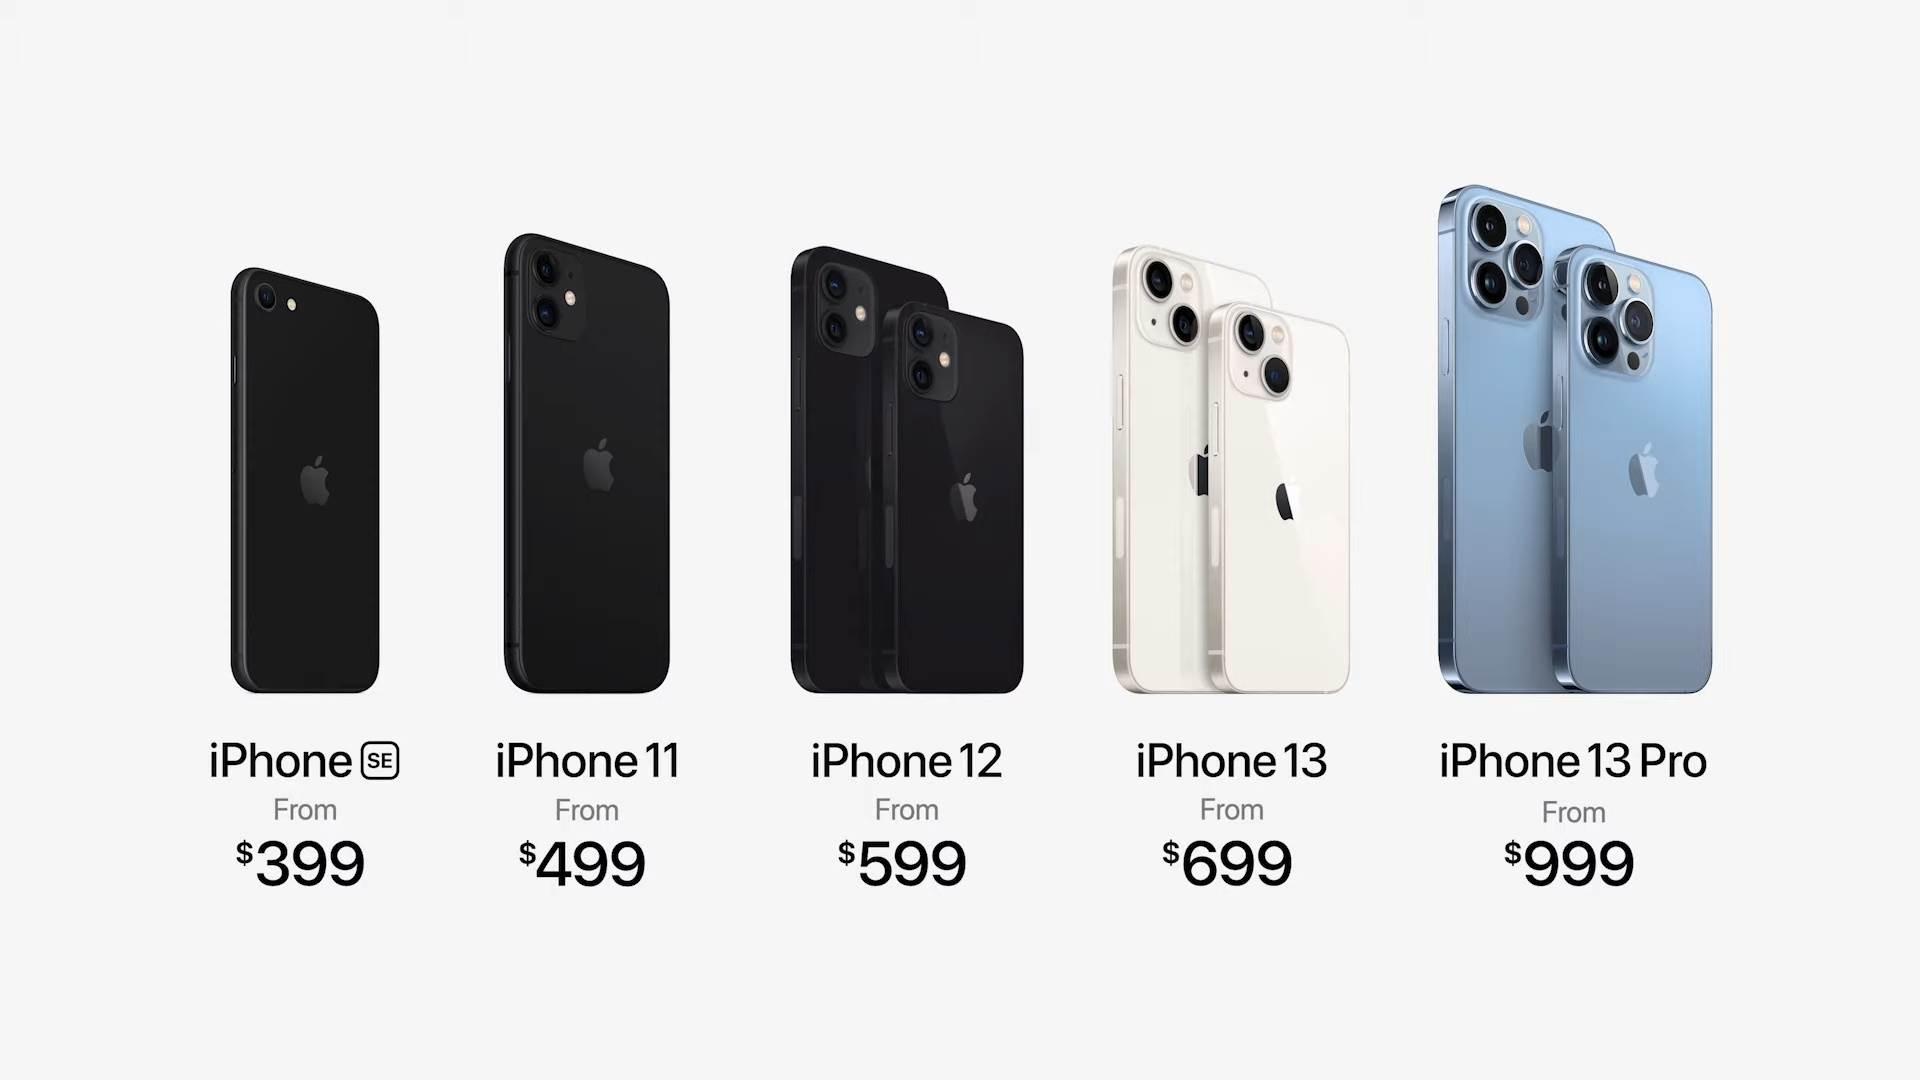 iPhone 13 cene